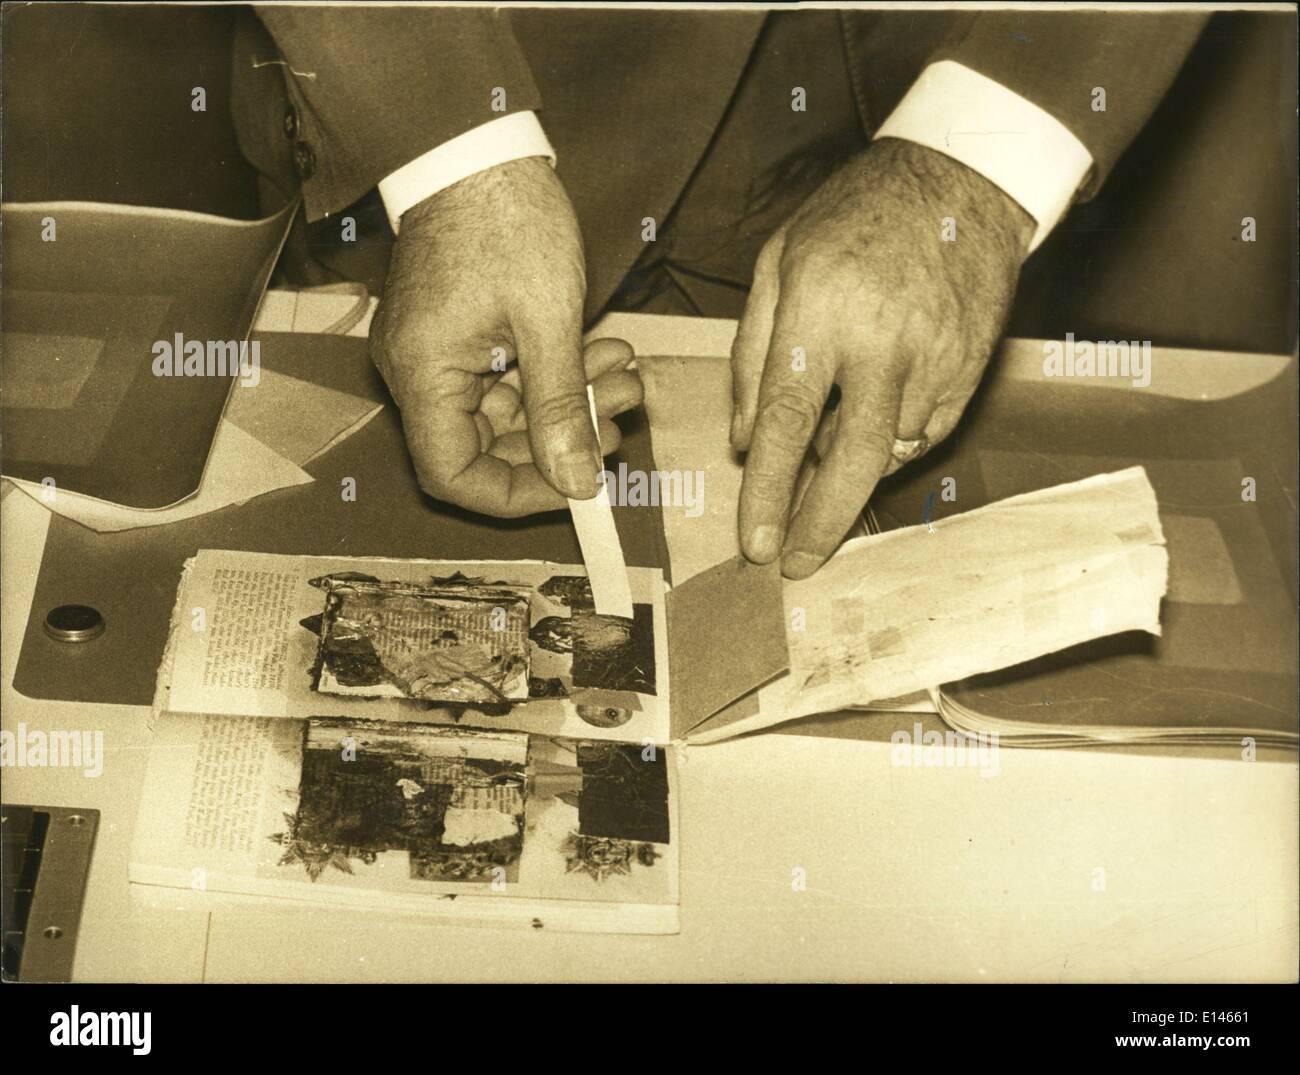 16 avril 2012 - Lettre piégée à l'ambassade britannique à Paris.: Heureusement la bombe a été découvert et démantelé sans que personne Photo Stock